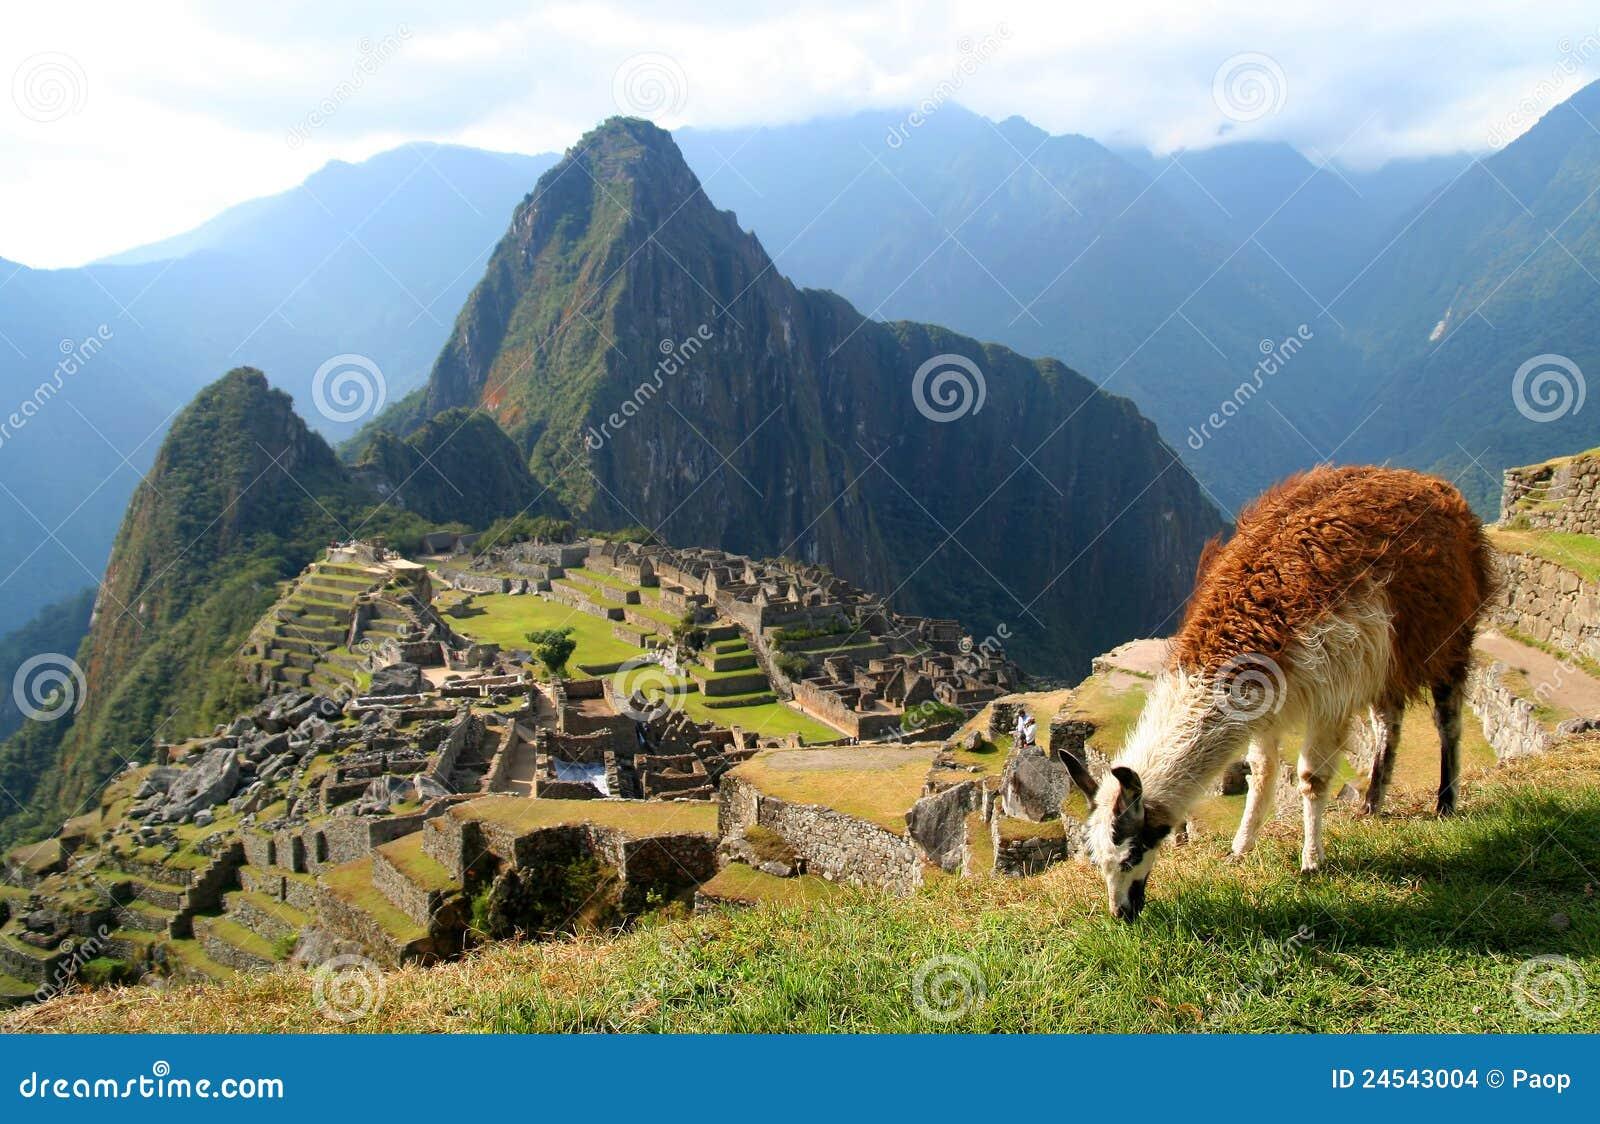 Lama And Machu Picchu